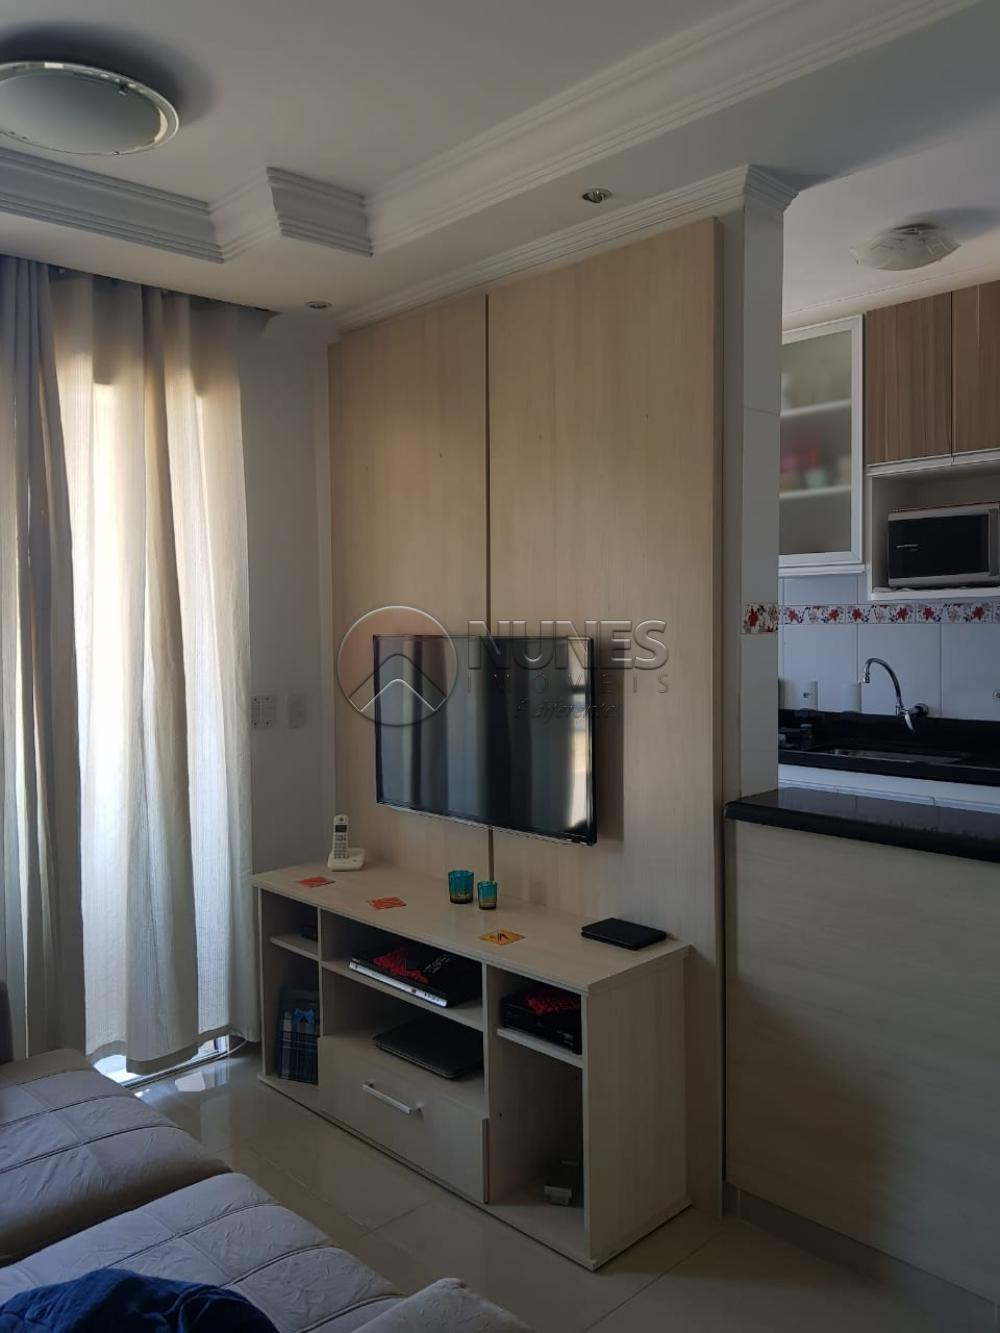 Comprar Apartamento / Padrão em Osasco apenas R$ 185.000,00 - Foto 3